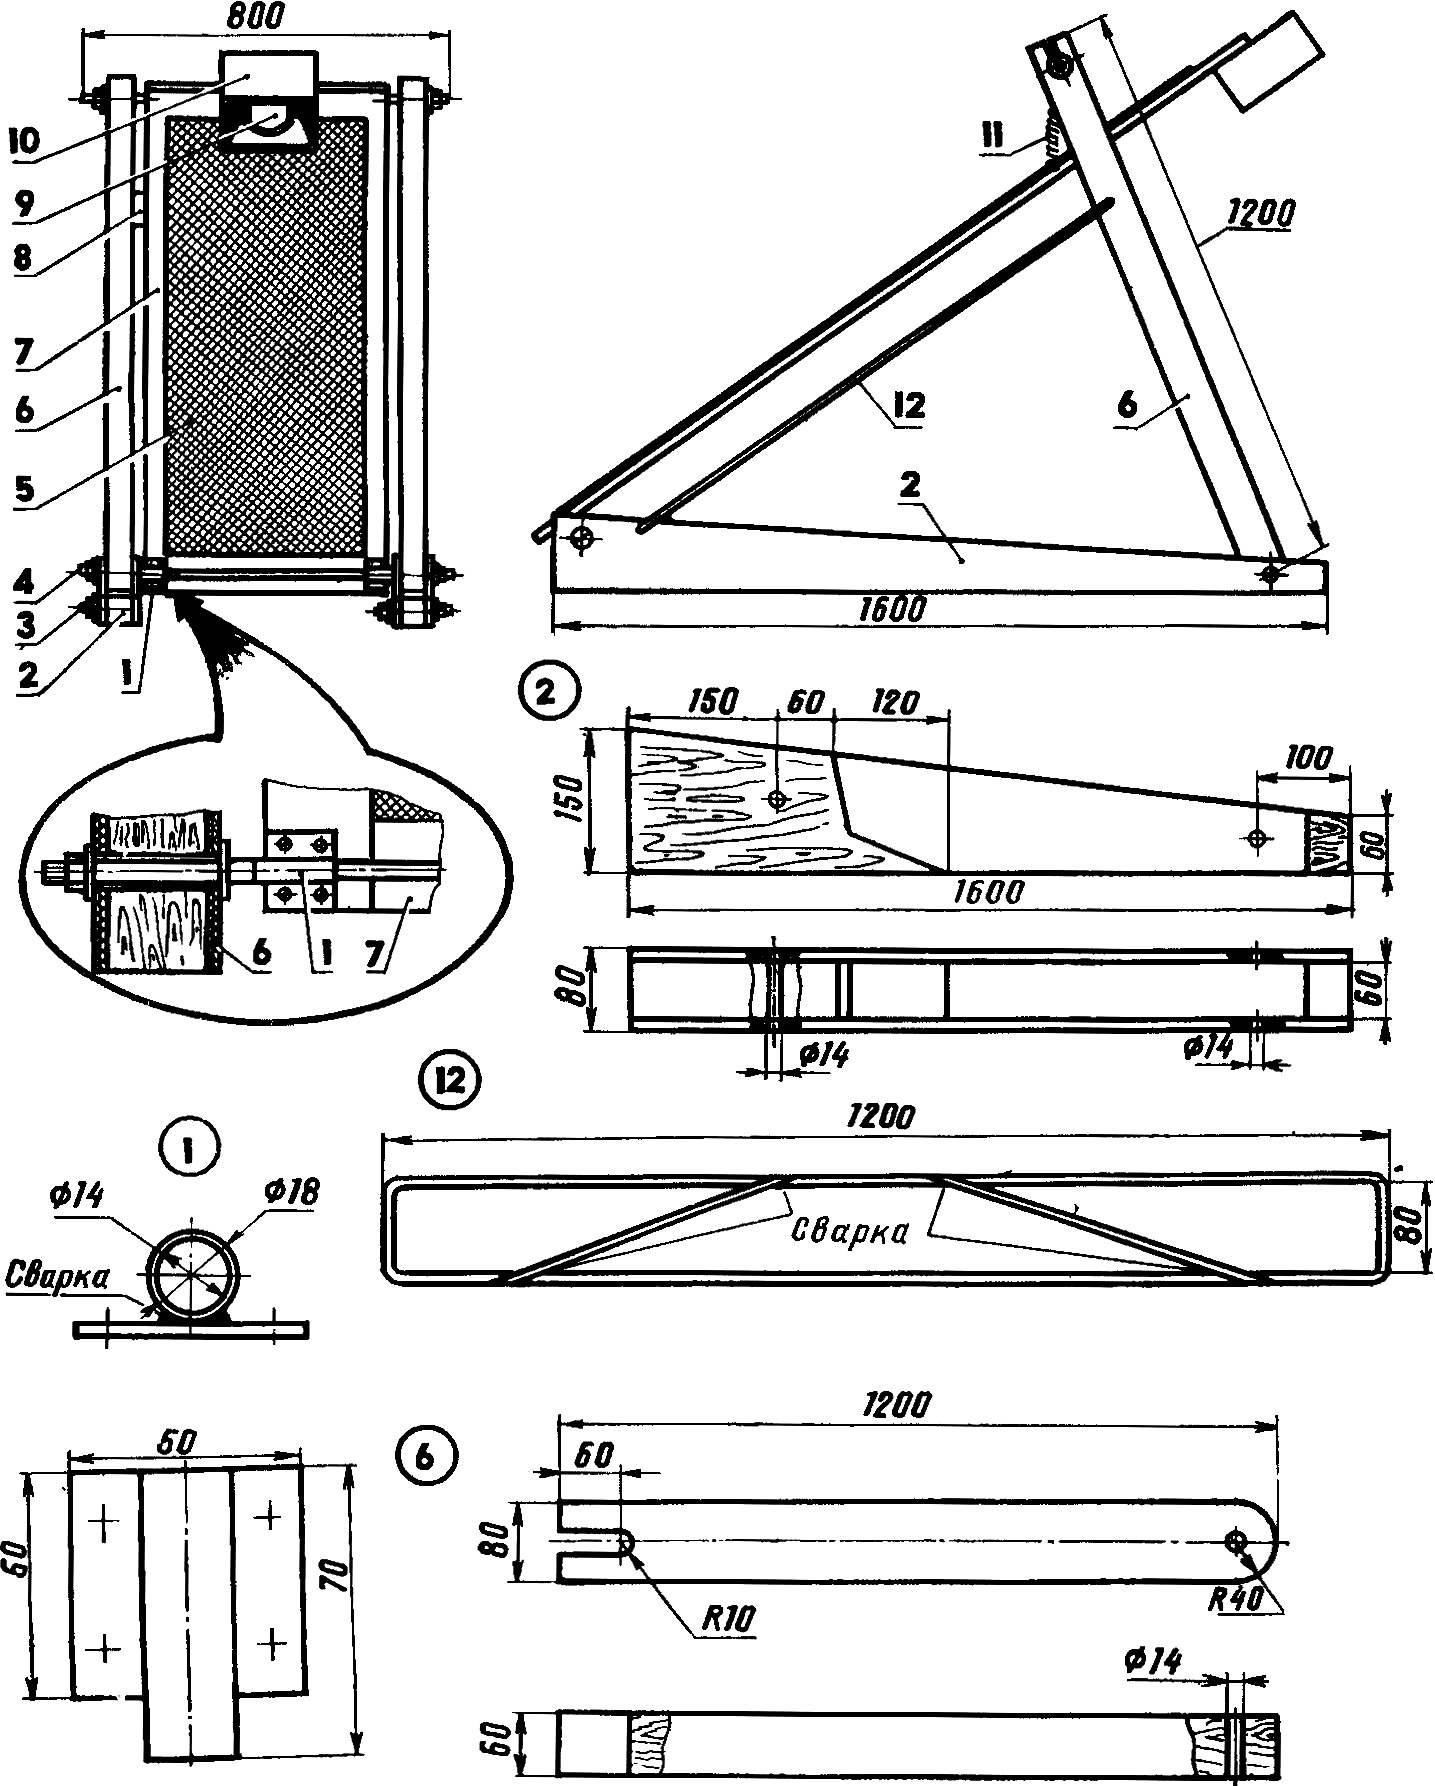 Рис. 1. Грохот — устройство для просеивания сыпучих материалов.